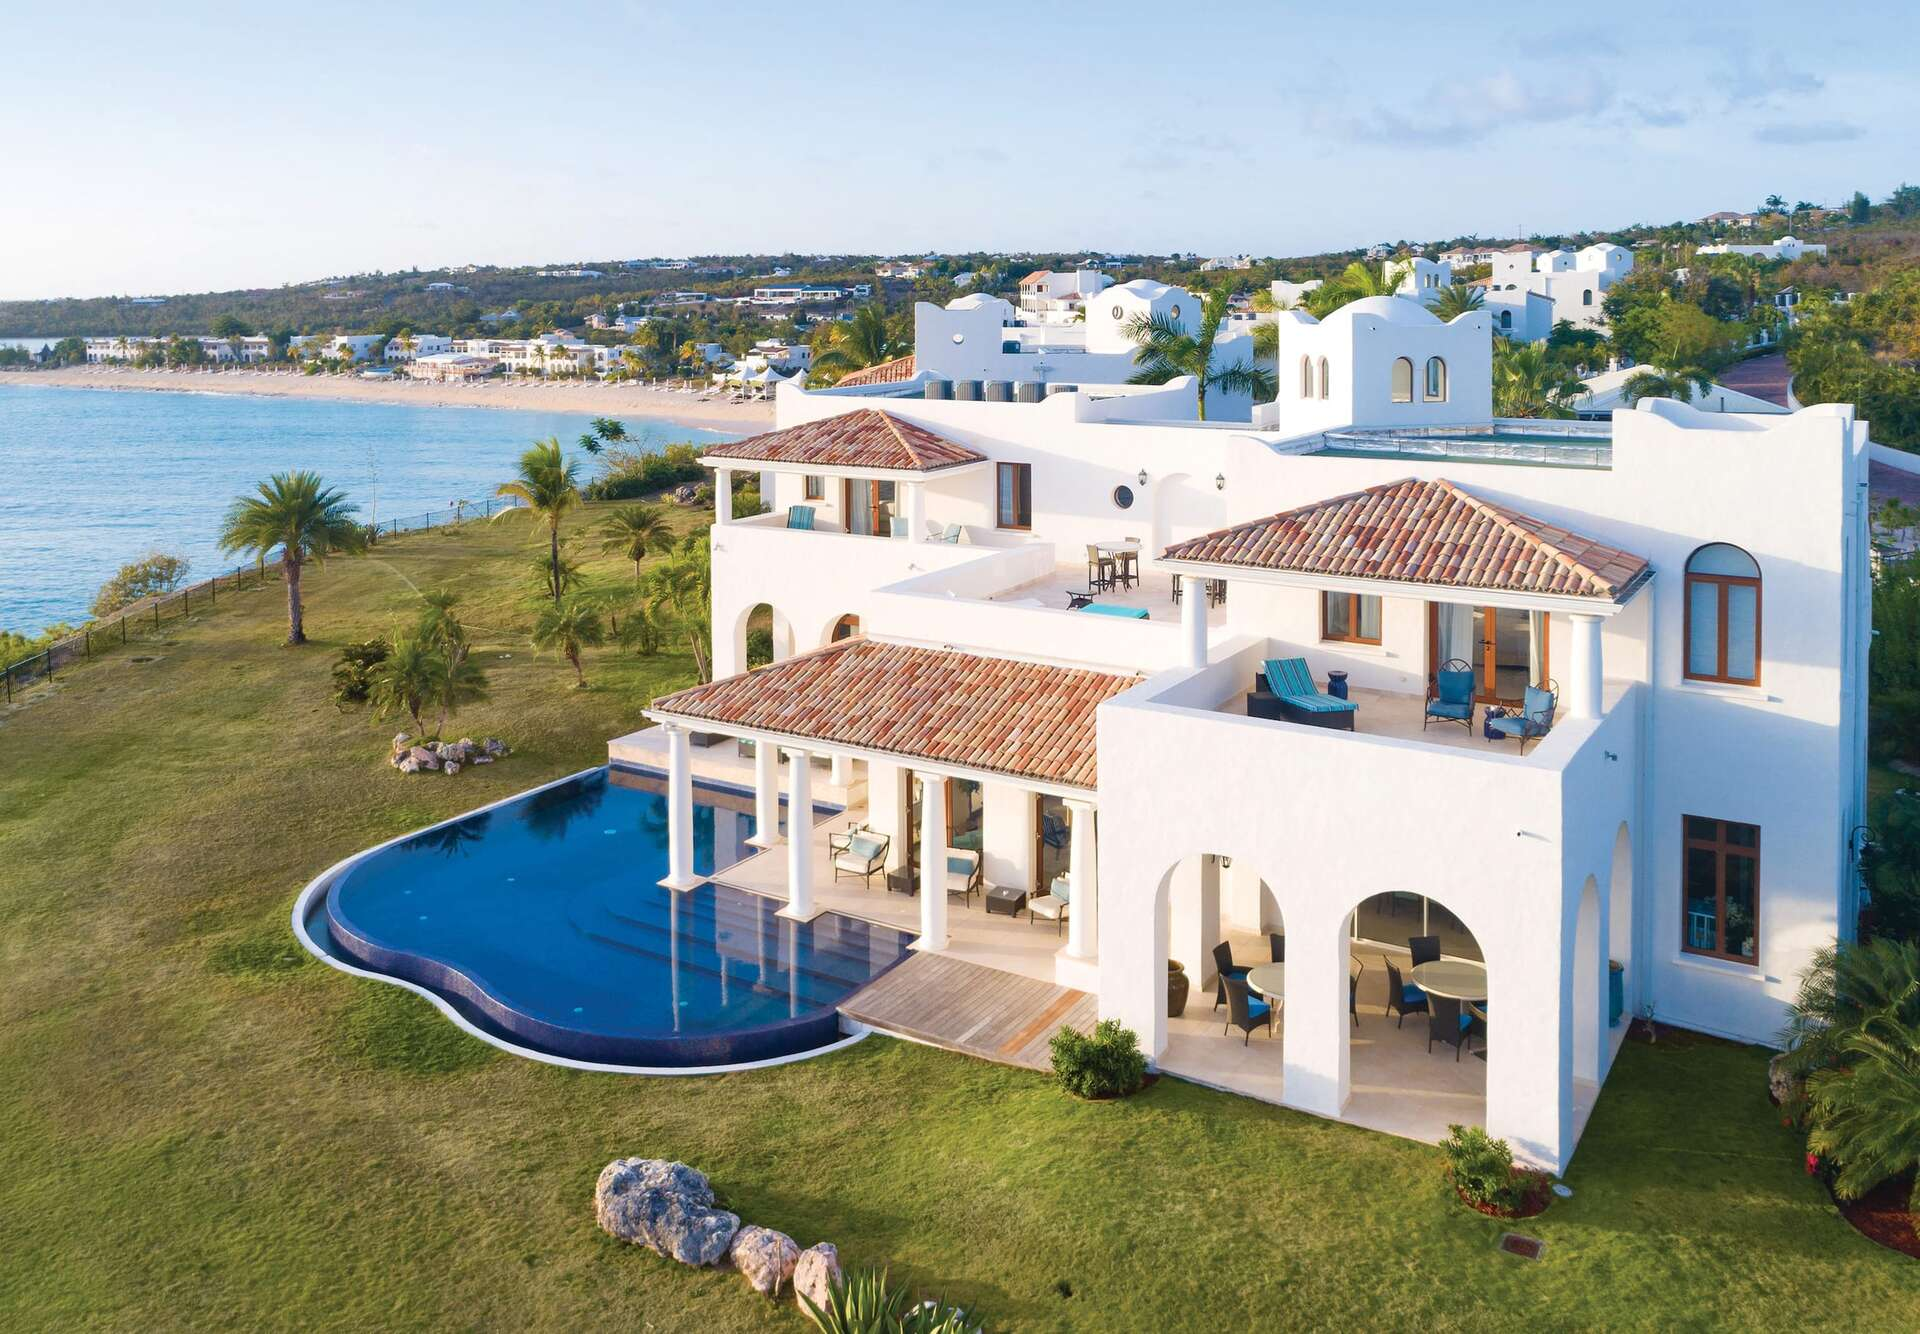 - 4 BDM Private Pool Villa - Image 1/18